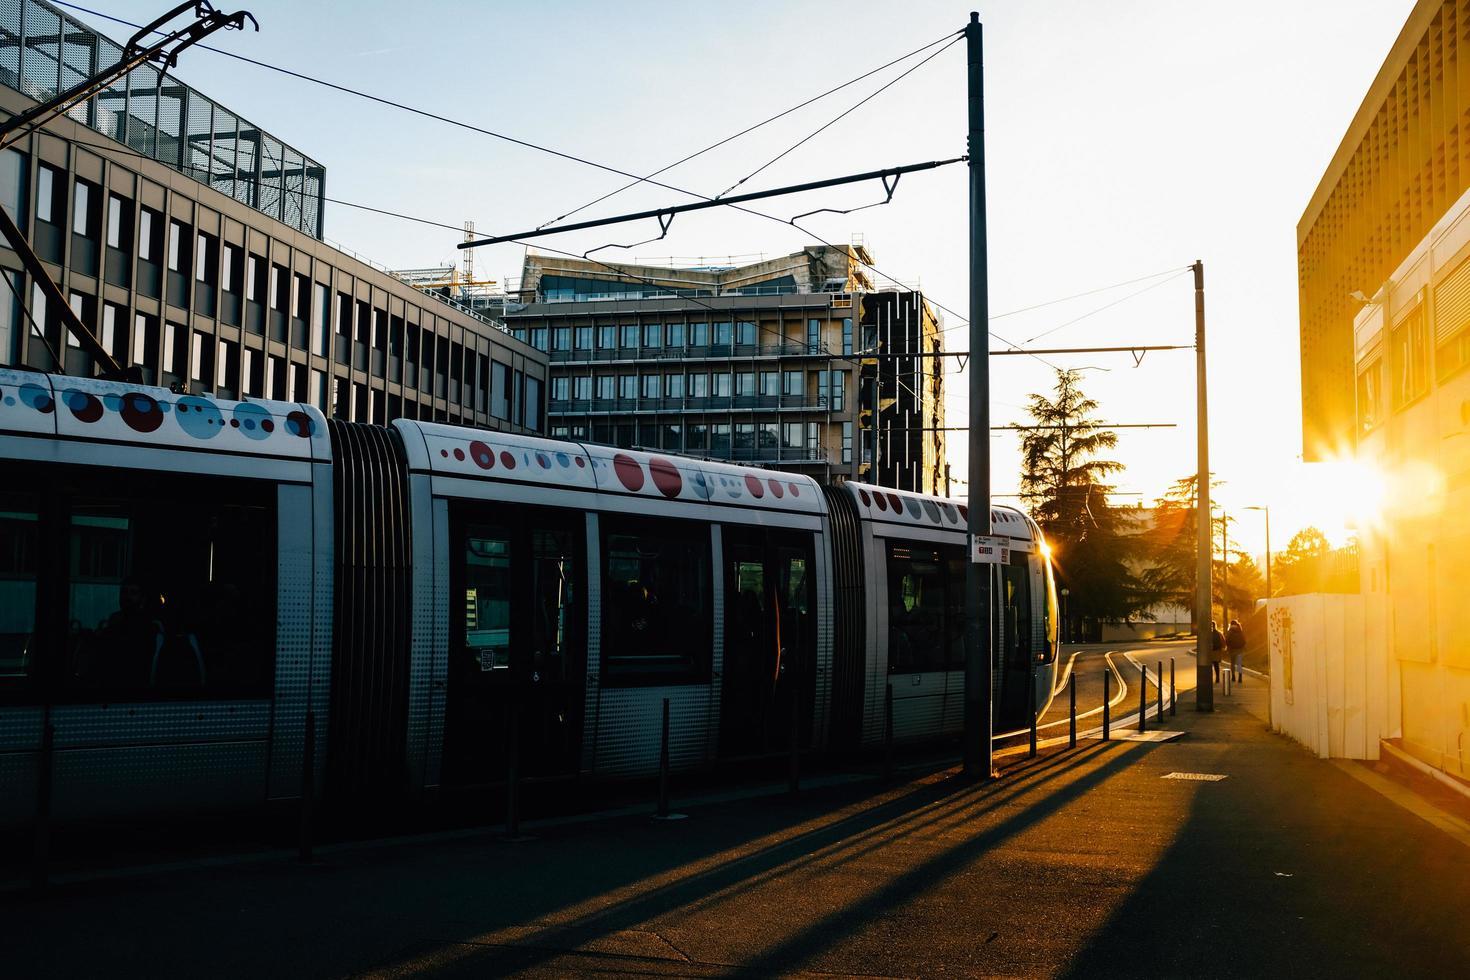 train à la station de métro photo